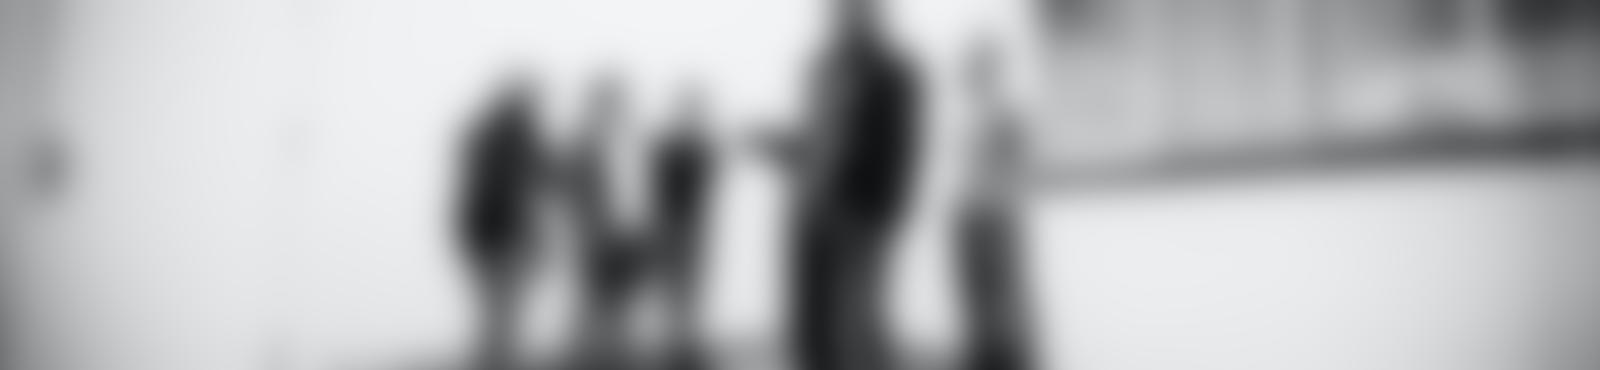 Blurred f9c58d01 9aeb 4ee8 b921 c51f84cf657f